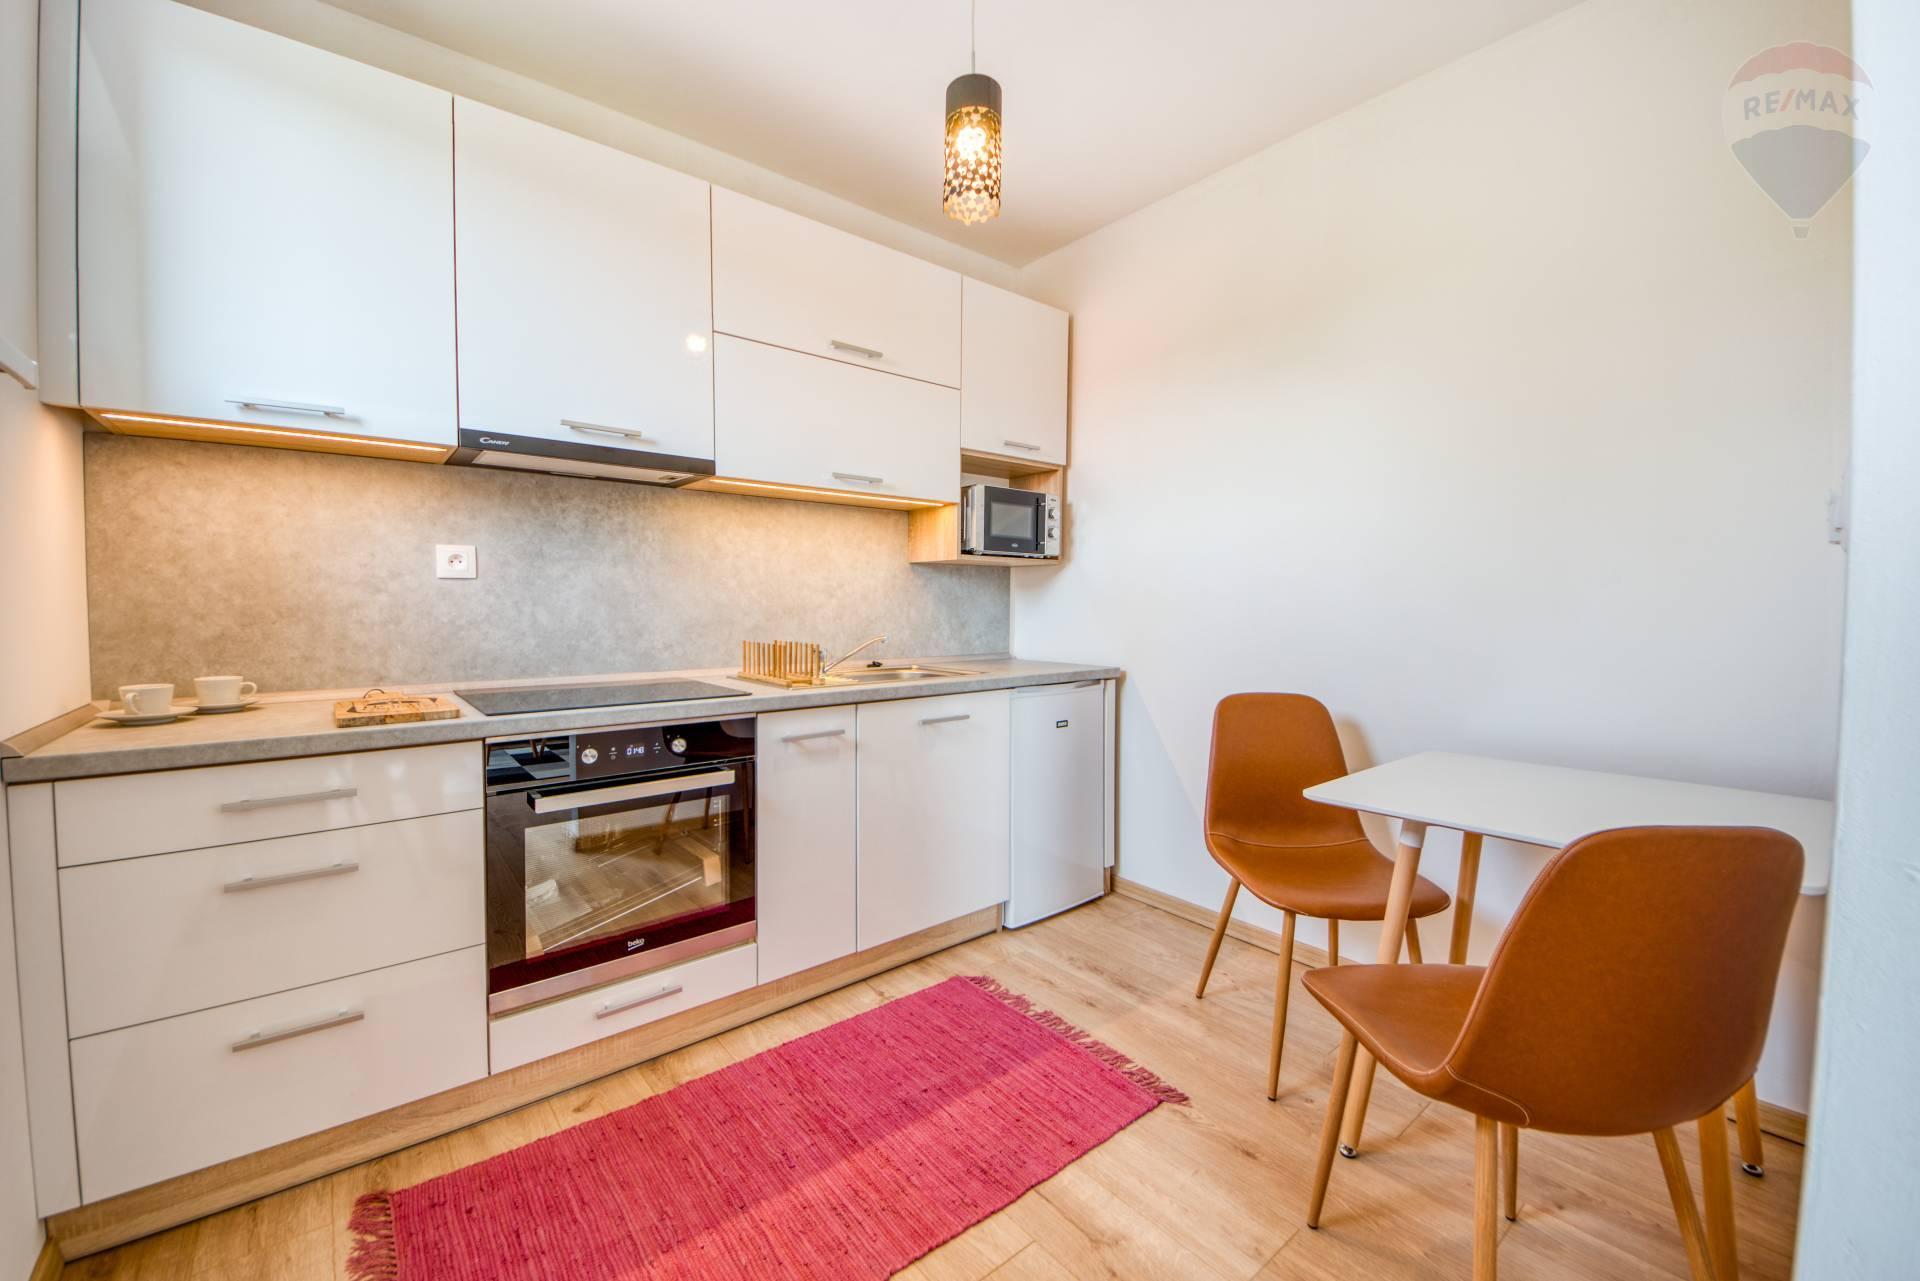 Moderný 1 izbový byt na prenájom, ulica Tarasa Ševčenka, Prešov